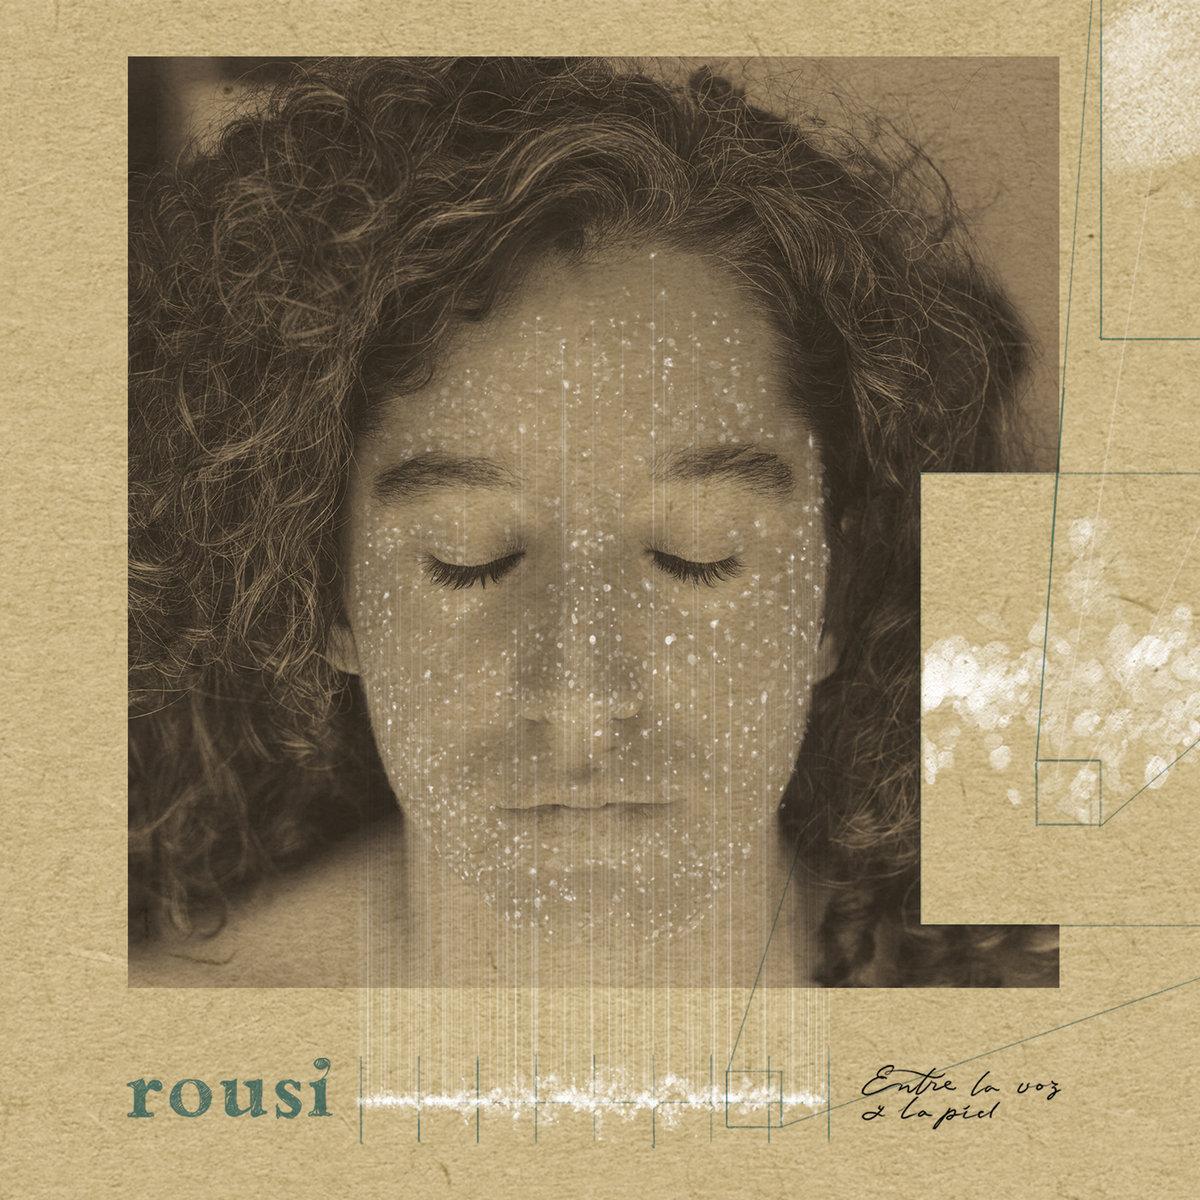 Rousi_entre_la_voz_y_la_piel